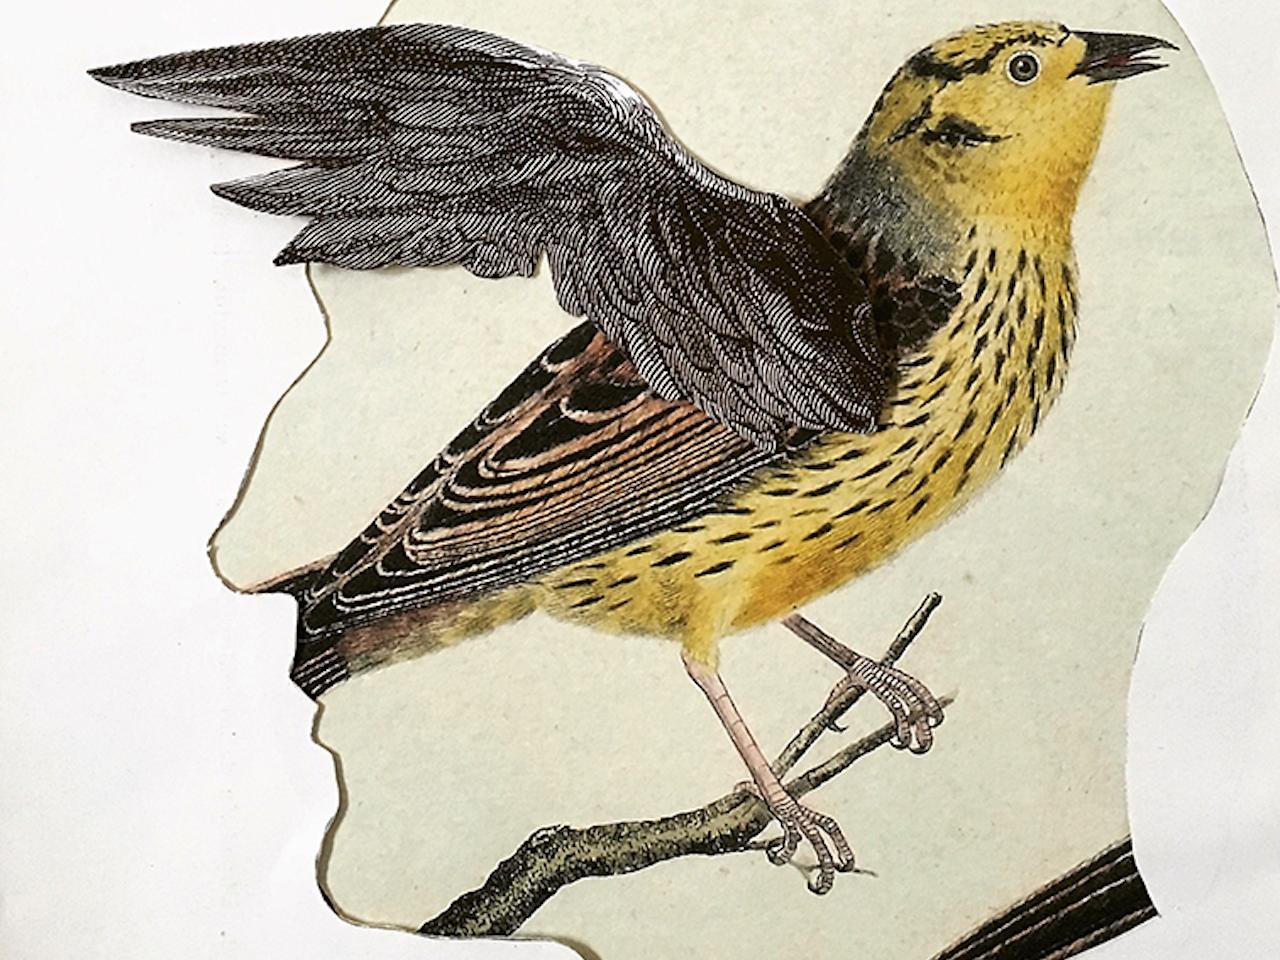 Release your birds